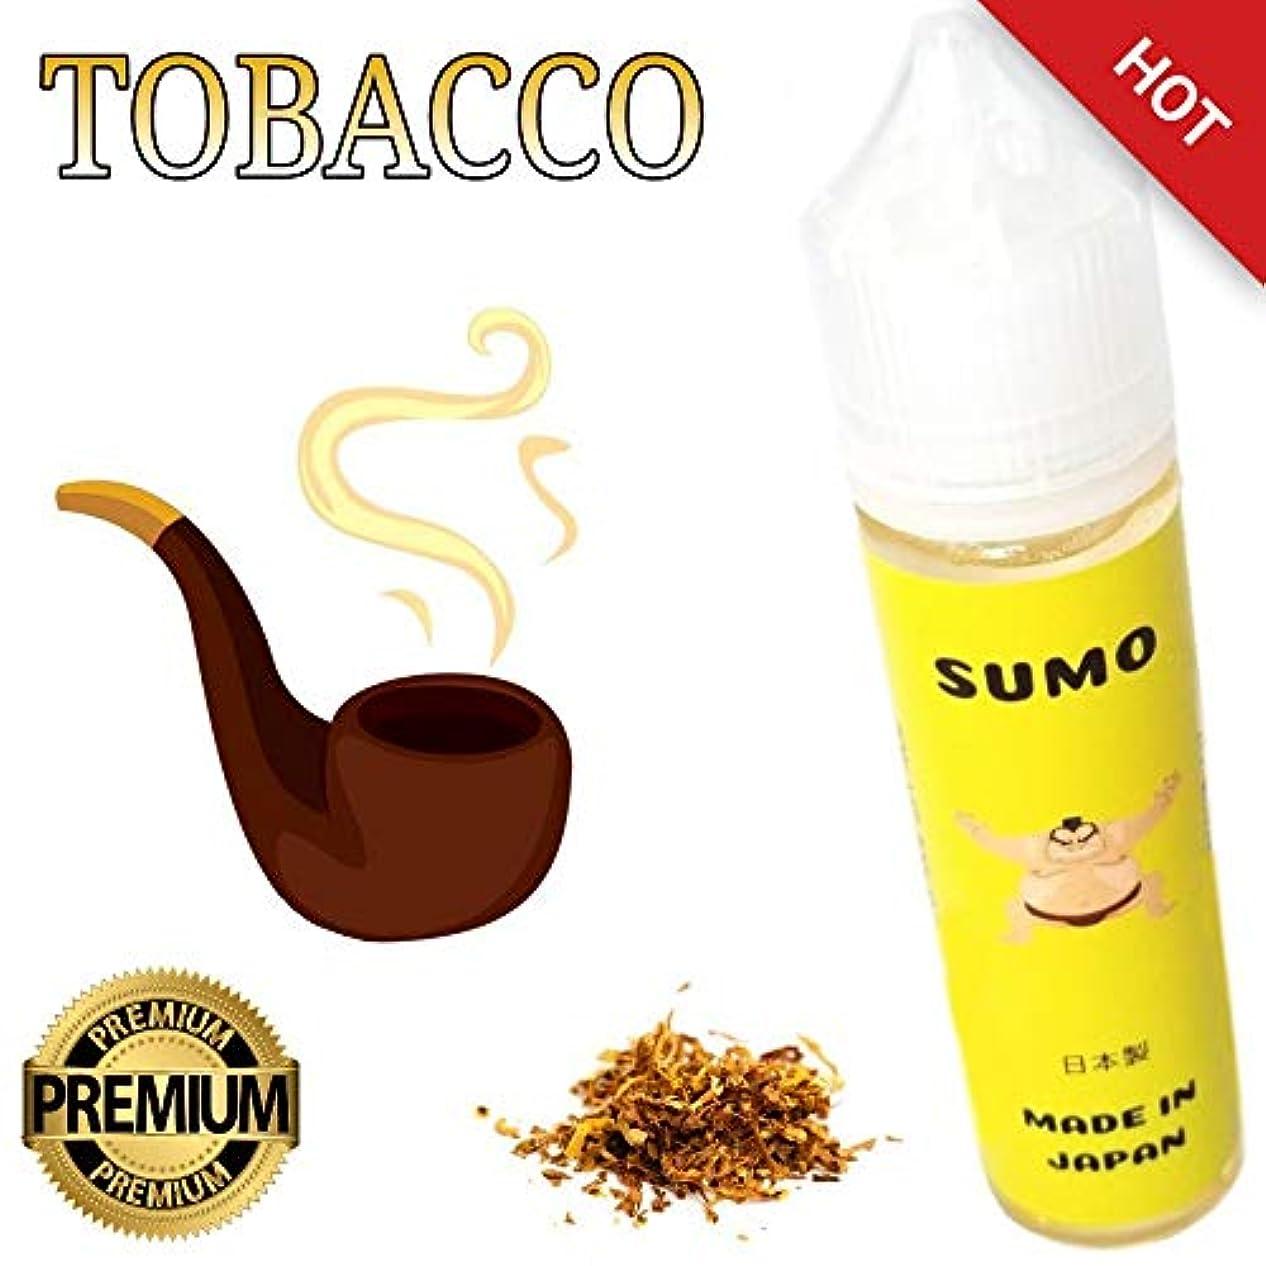 百年部屋を掃除する哀れな国産 60ML 電子タバコ リキッド たばこ味 タバコ味 たばこ プレミアム タバコ PREMIUM TOBACCO マルボロ セブンスター メビウス SUMO